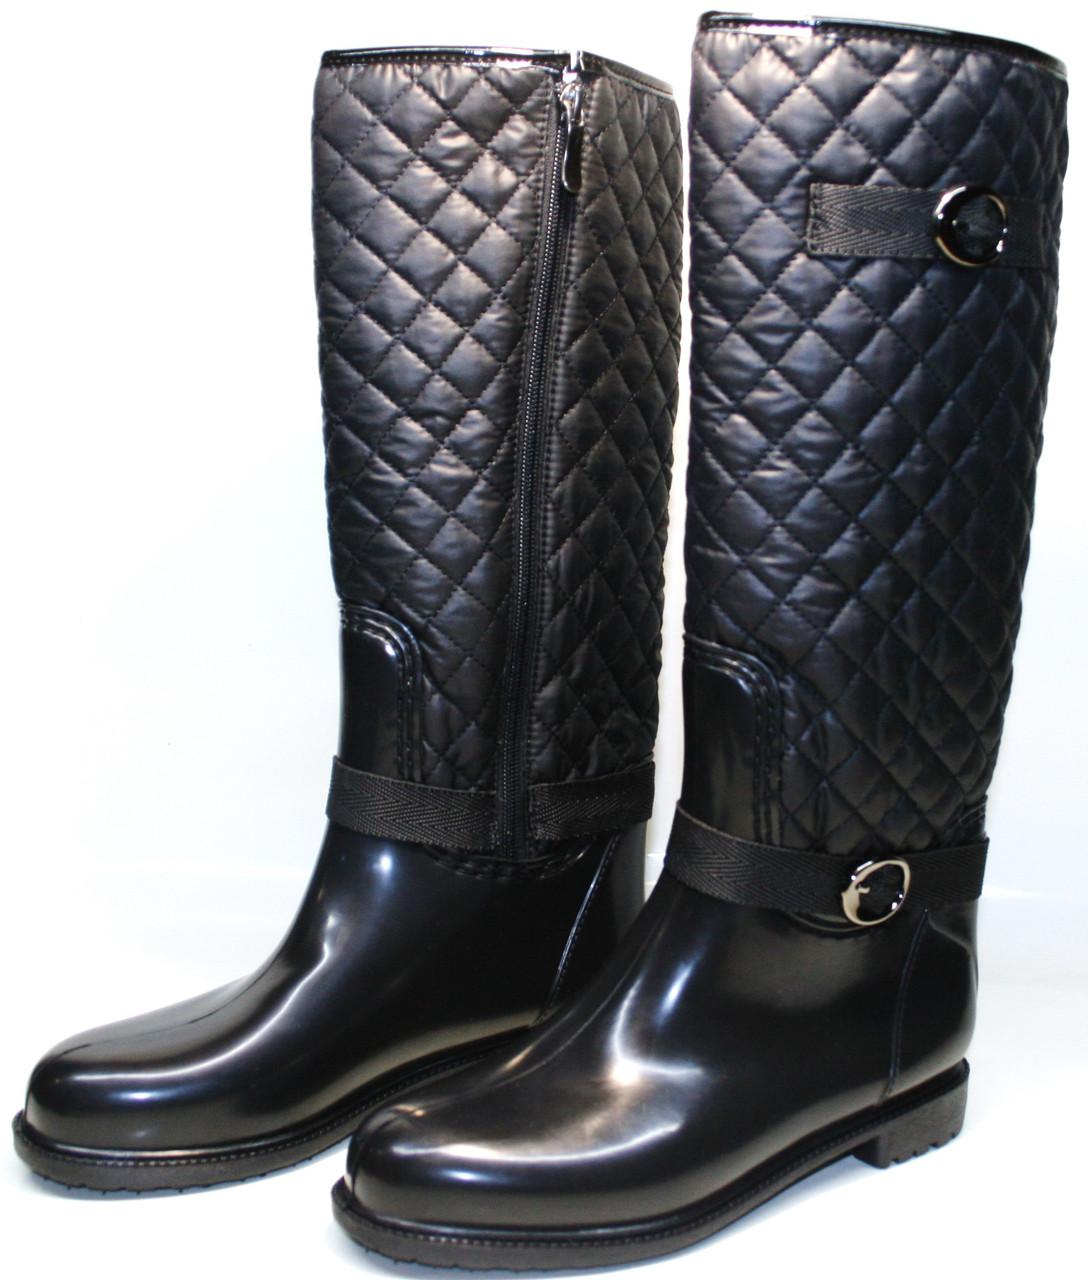 Утепленные женские резиновые сапоги Valex 4696(45)-627